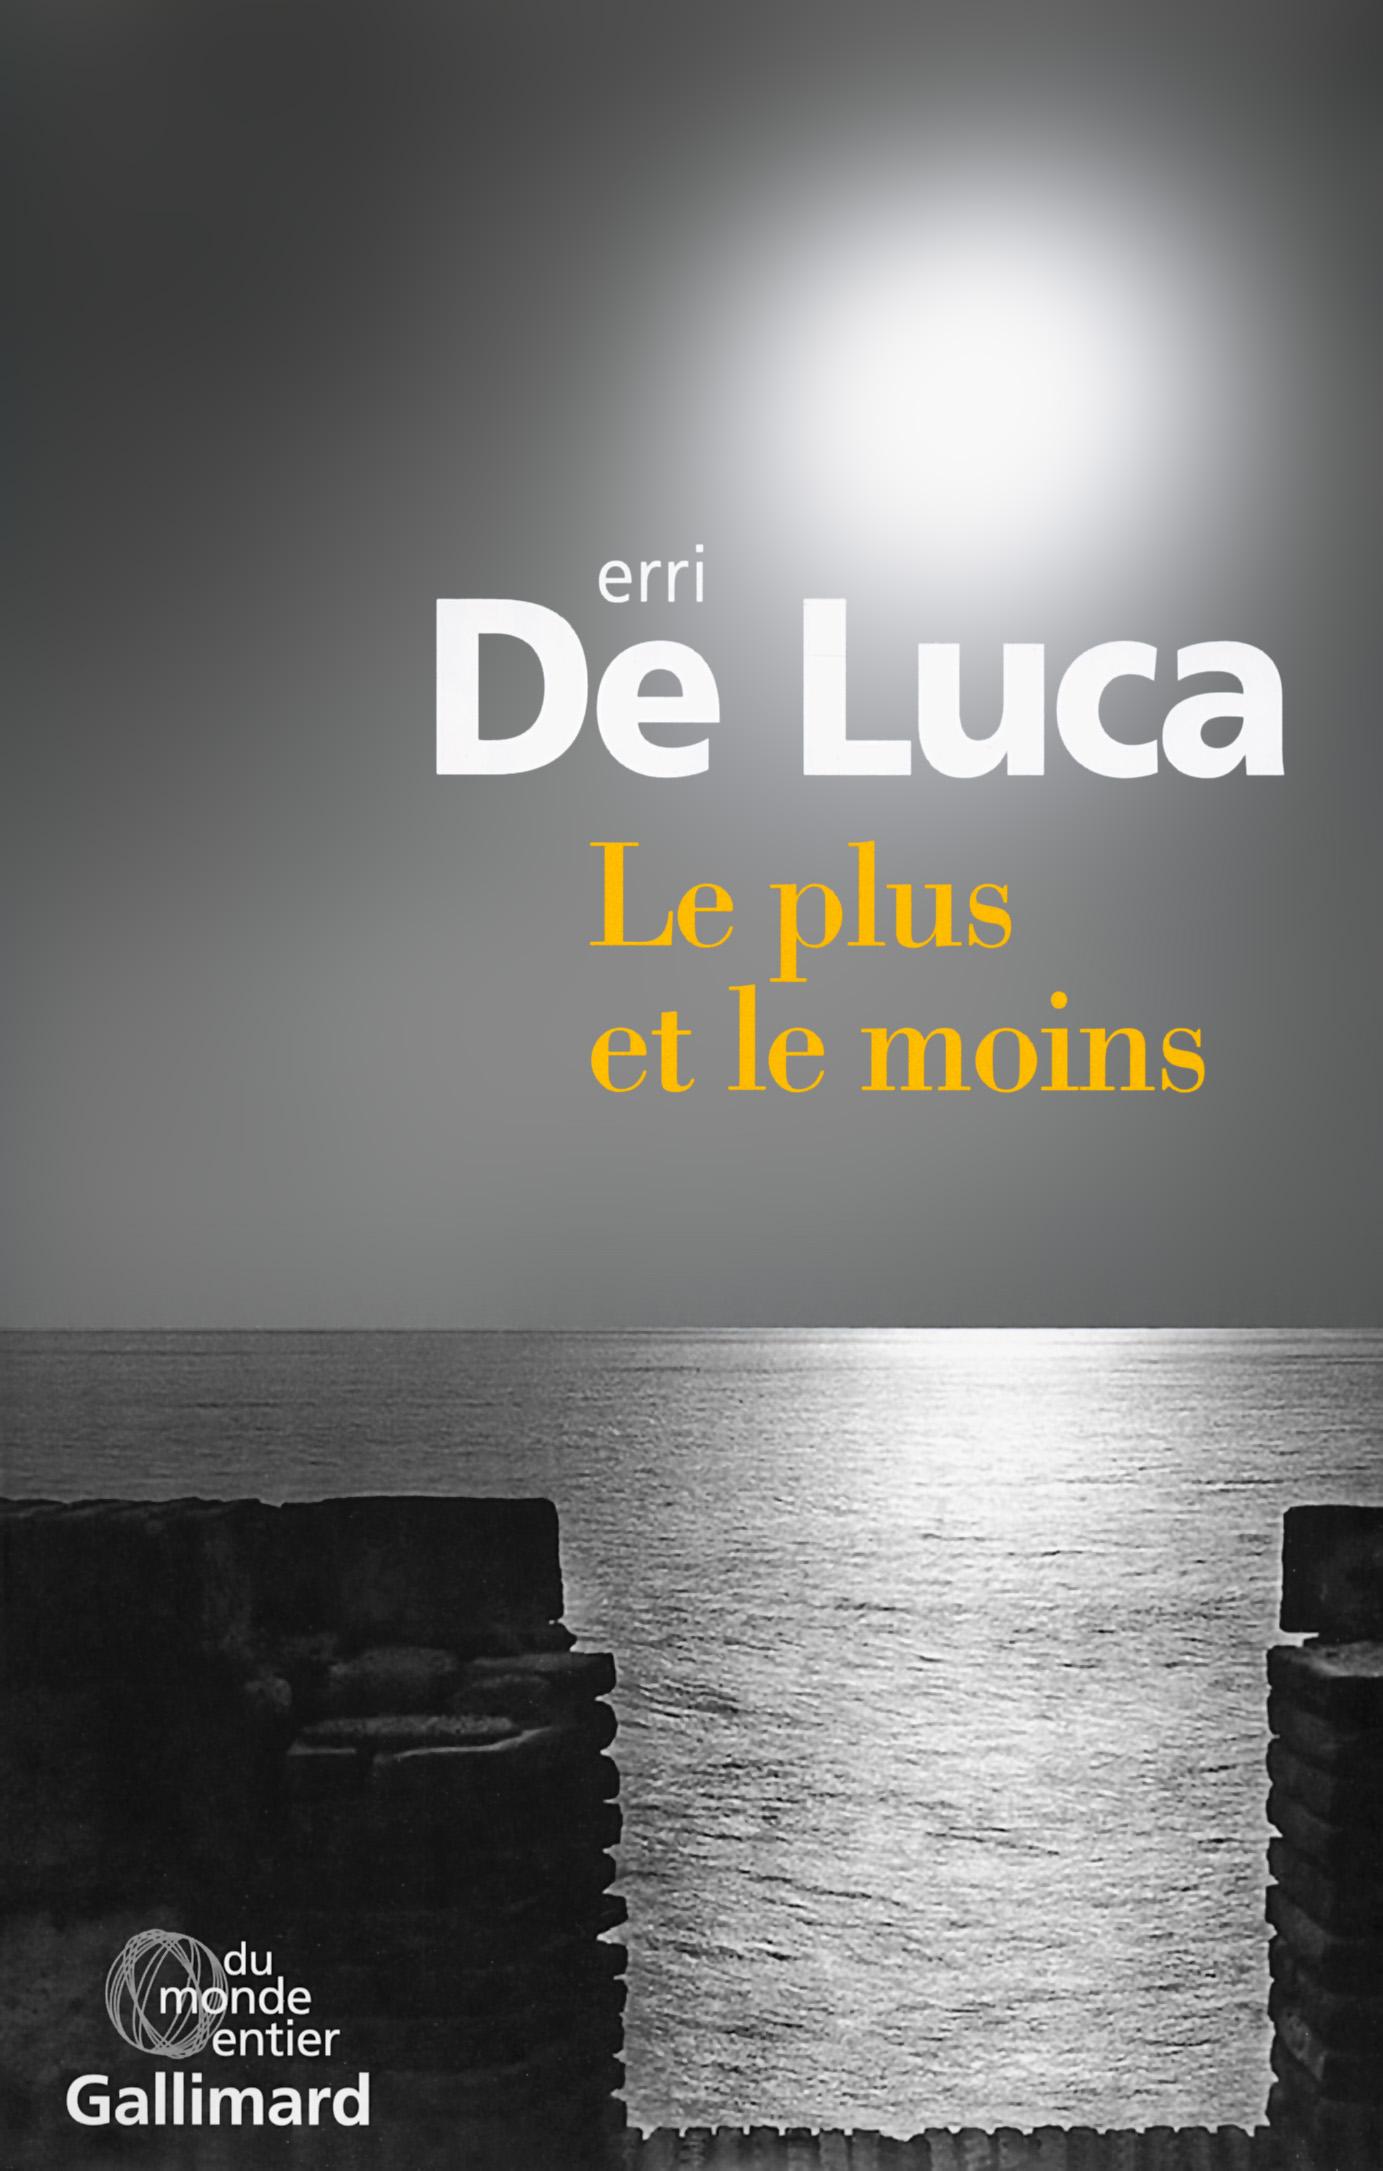 Le plus et le moins - Erri de Luca